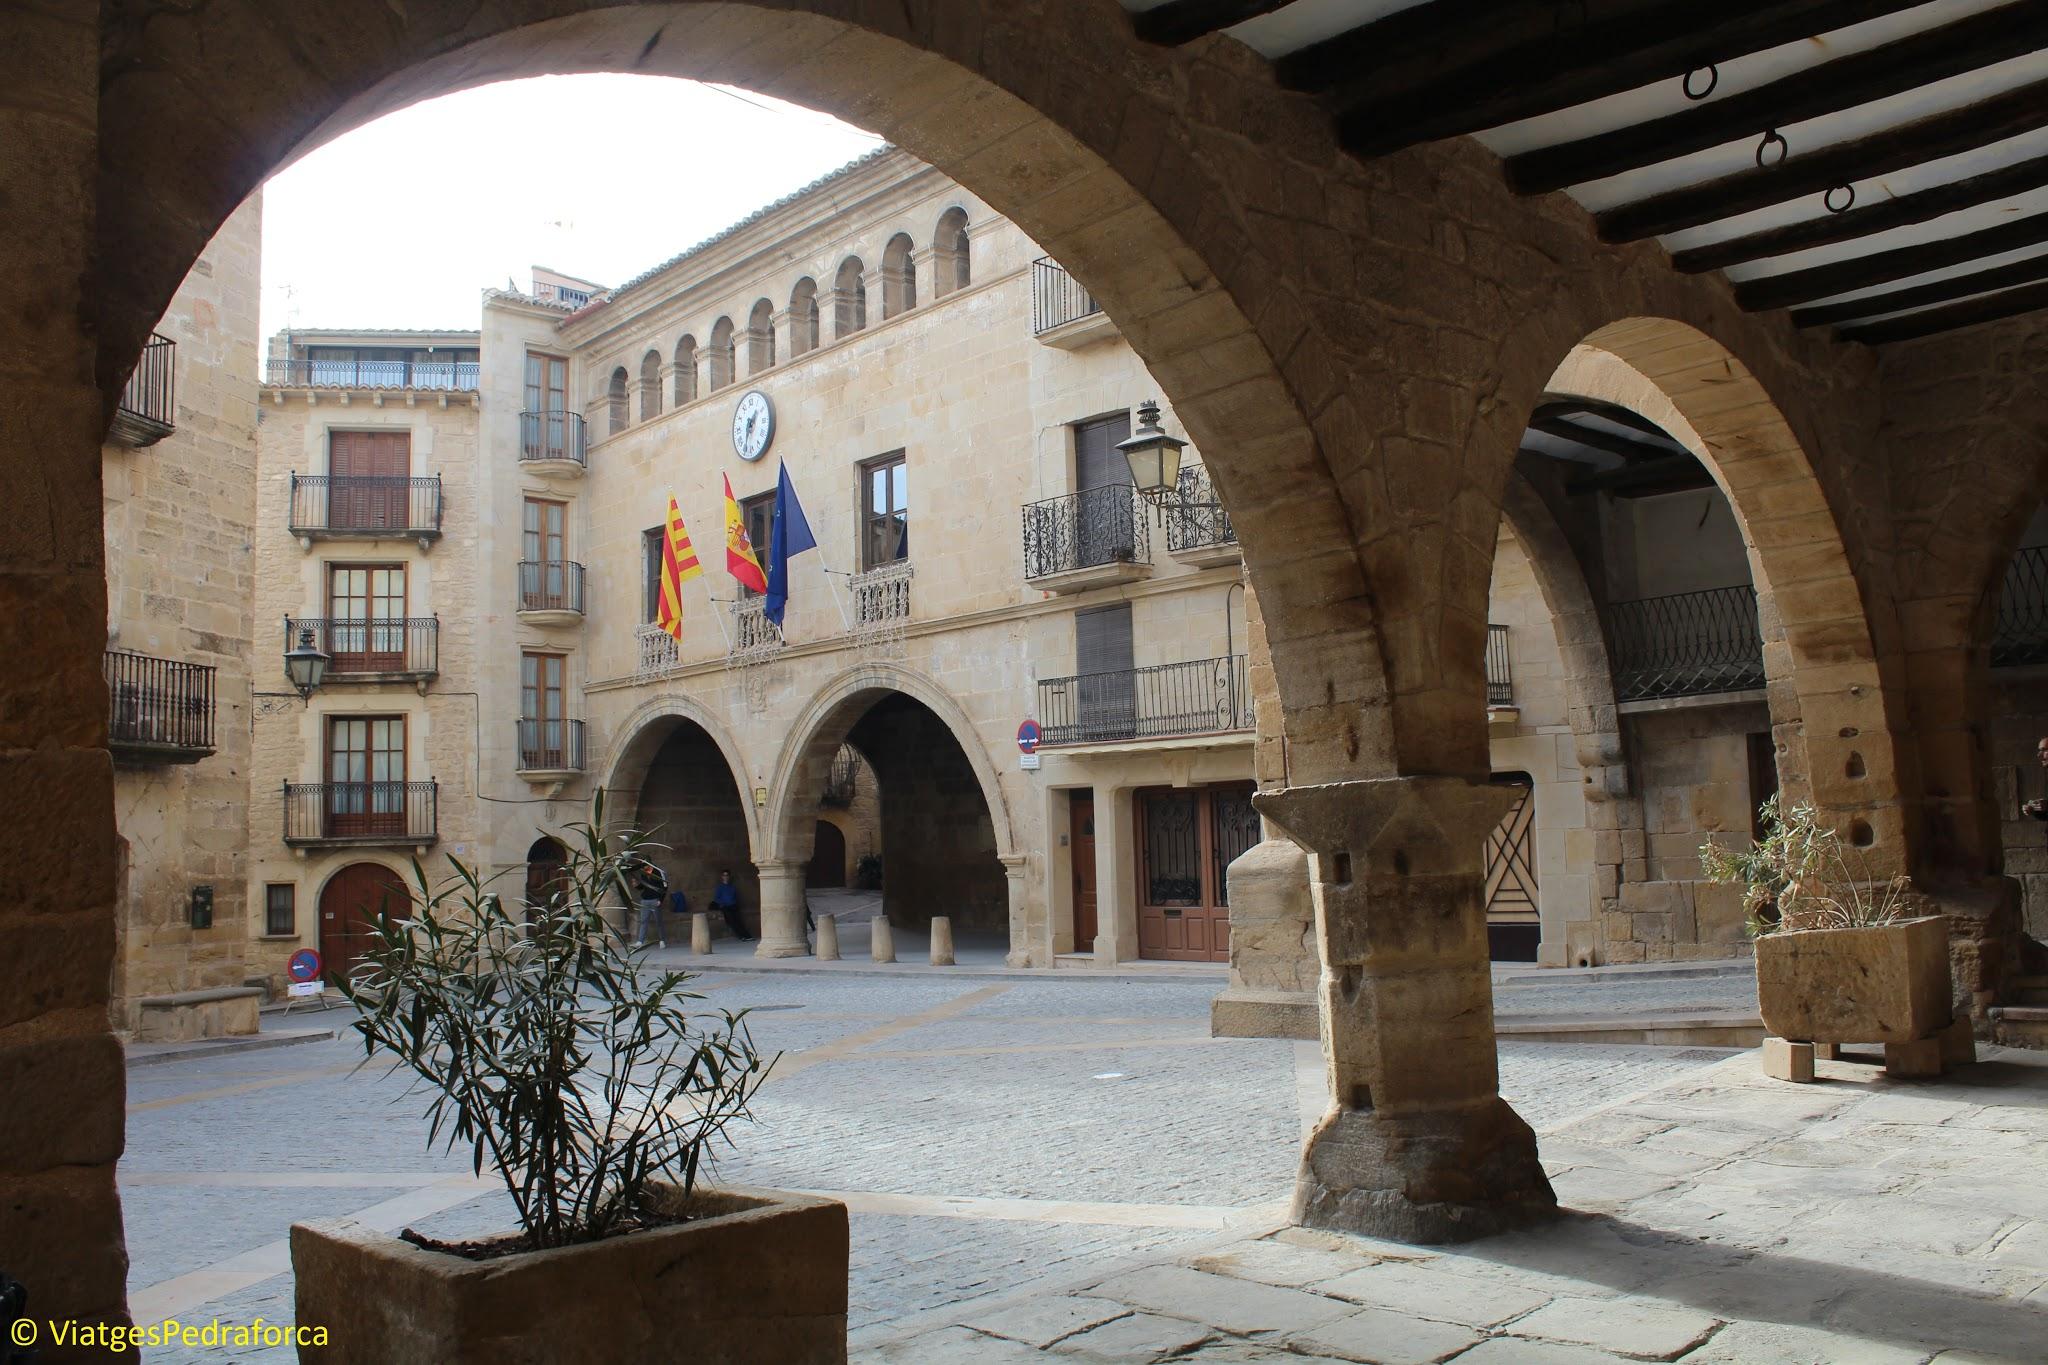 Ruta pel Matarranya i la Terra Alta, pobles amb encant, conjunt històric, patrimoni cultural, Terol, Aragó